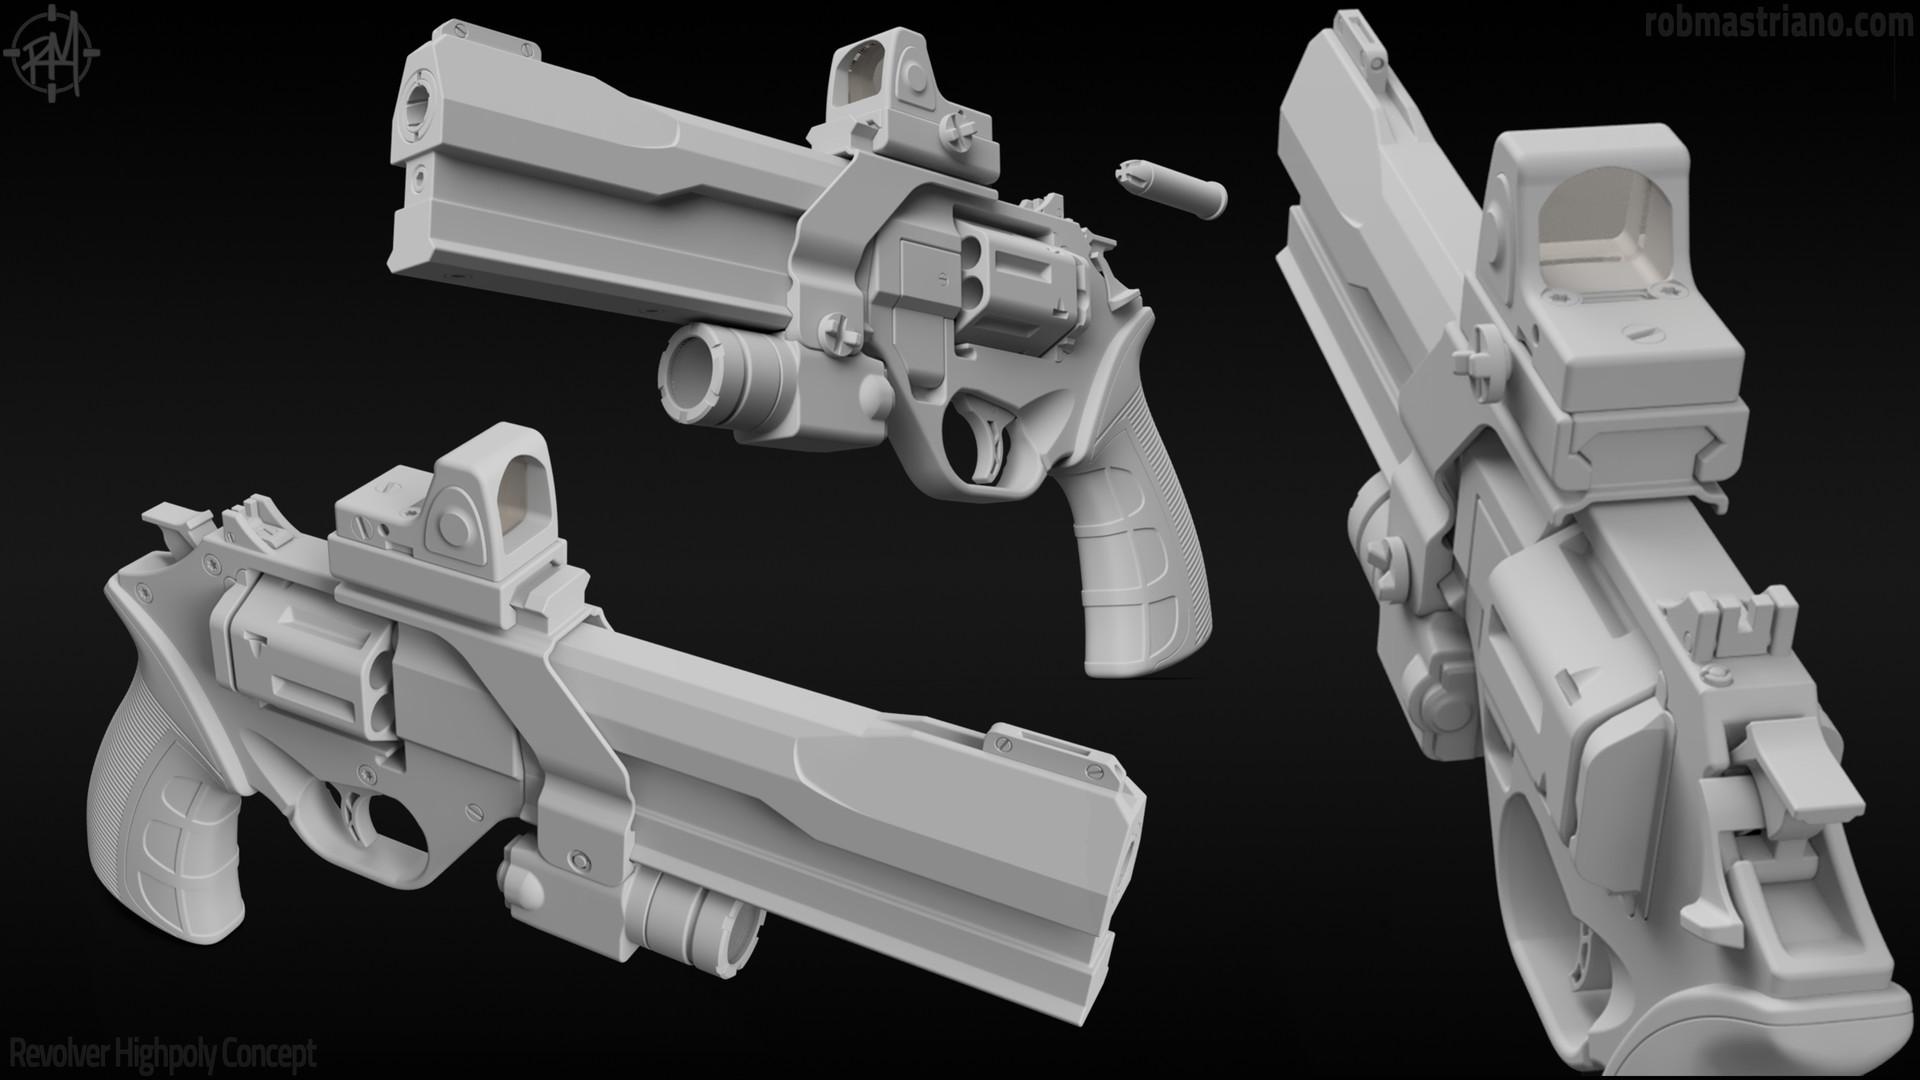 Rob mastriano revolver9